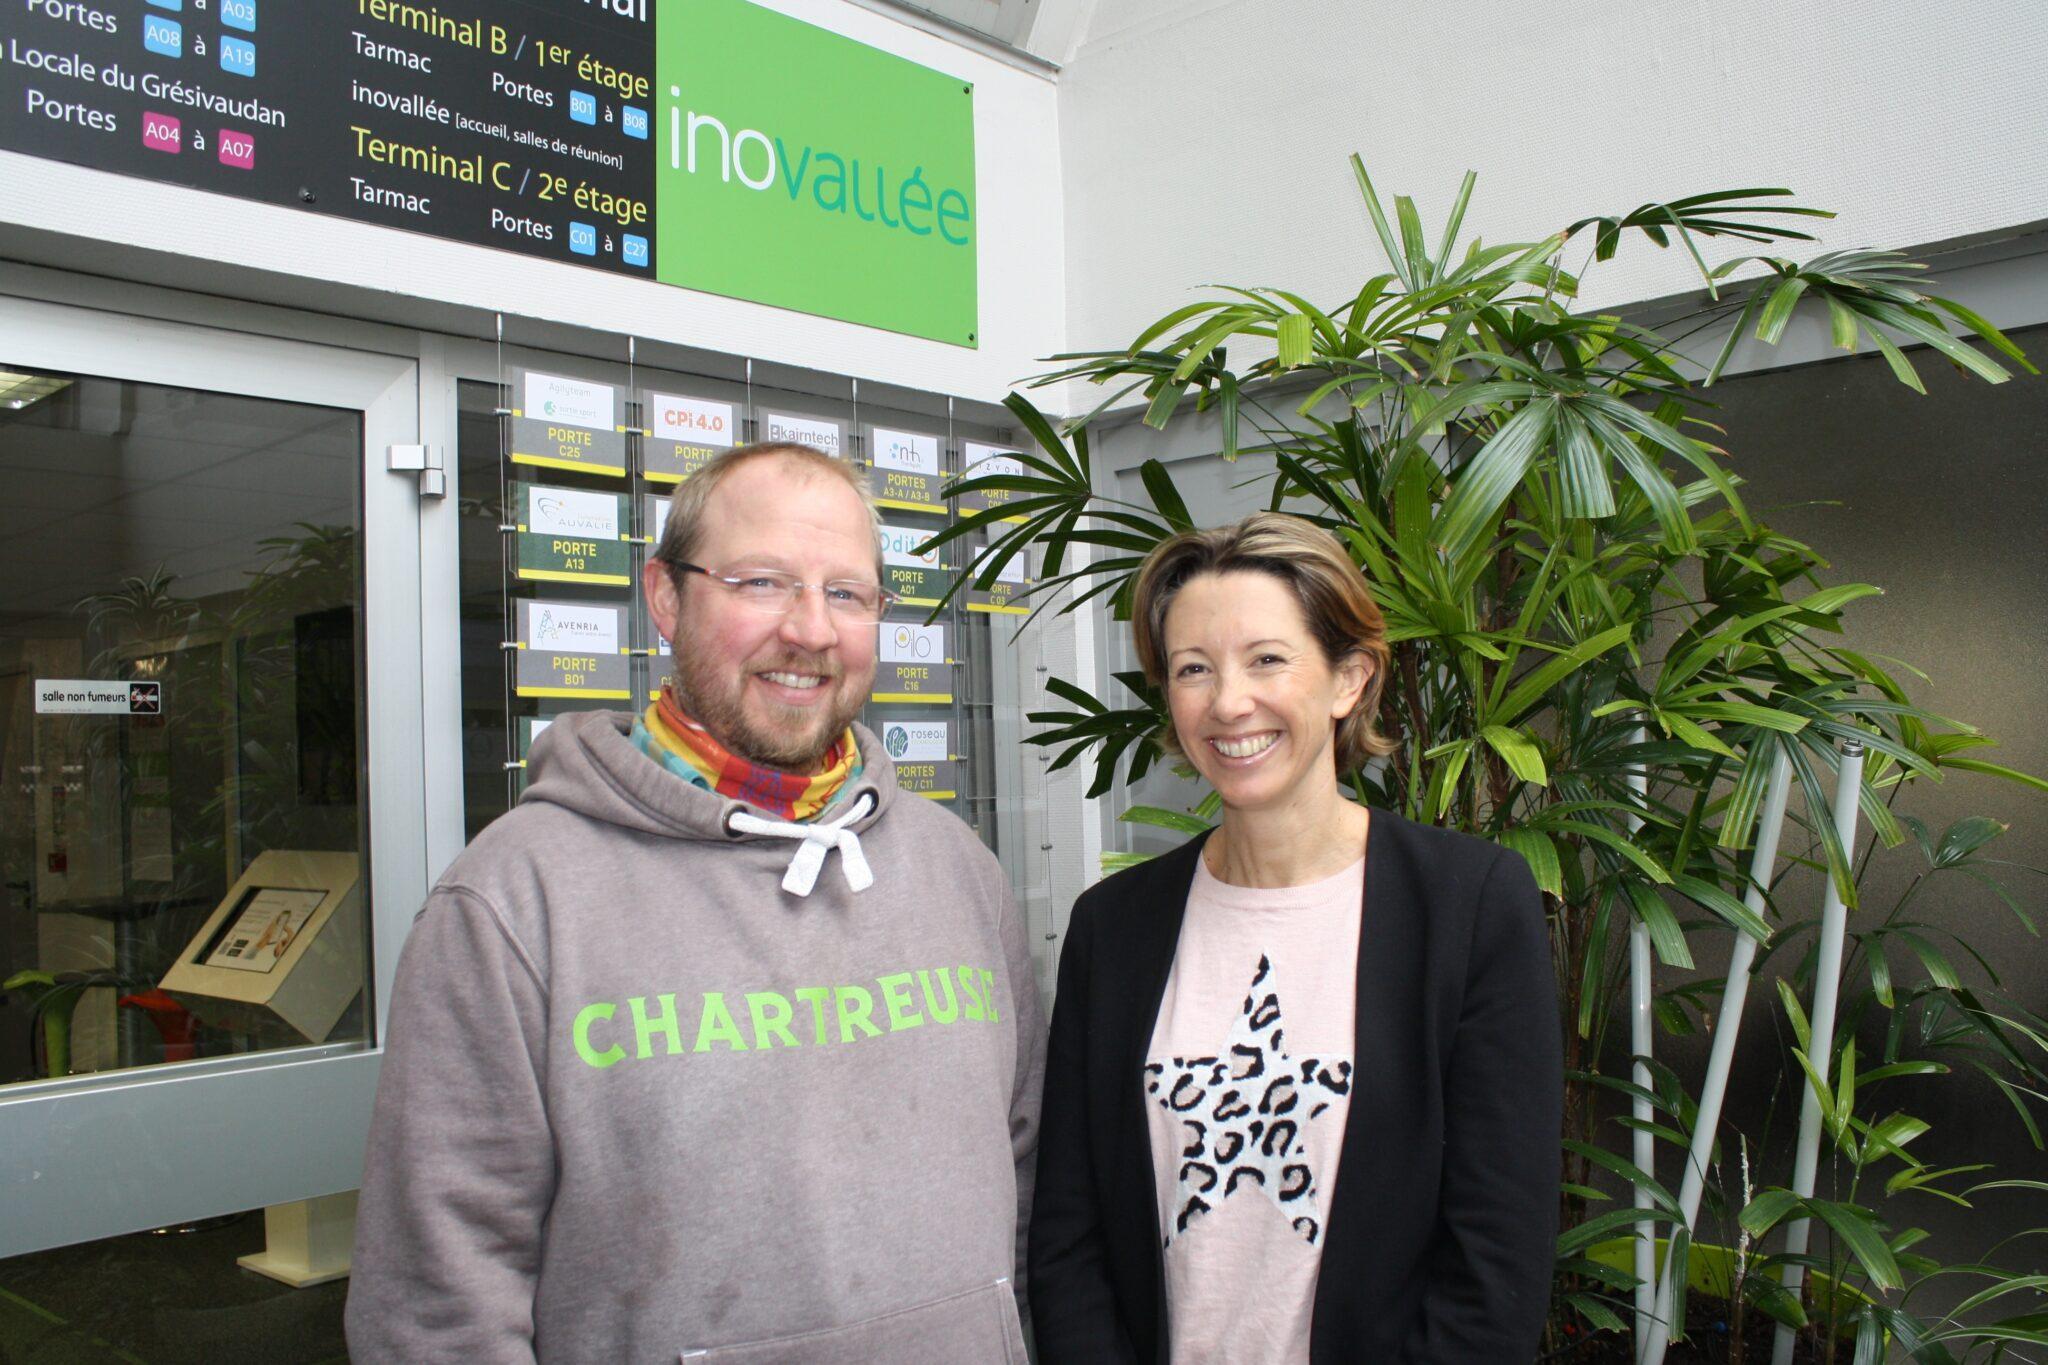 PDA Ecolab : la 1ère startup French Tech Visa 2020 s'installe au Tarmac pour offrir une alternative écologique ET performante au matériel de ski à, partir de matériaux renouvelables et recyclés !